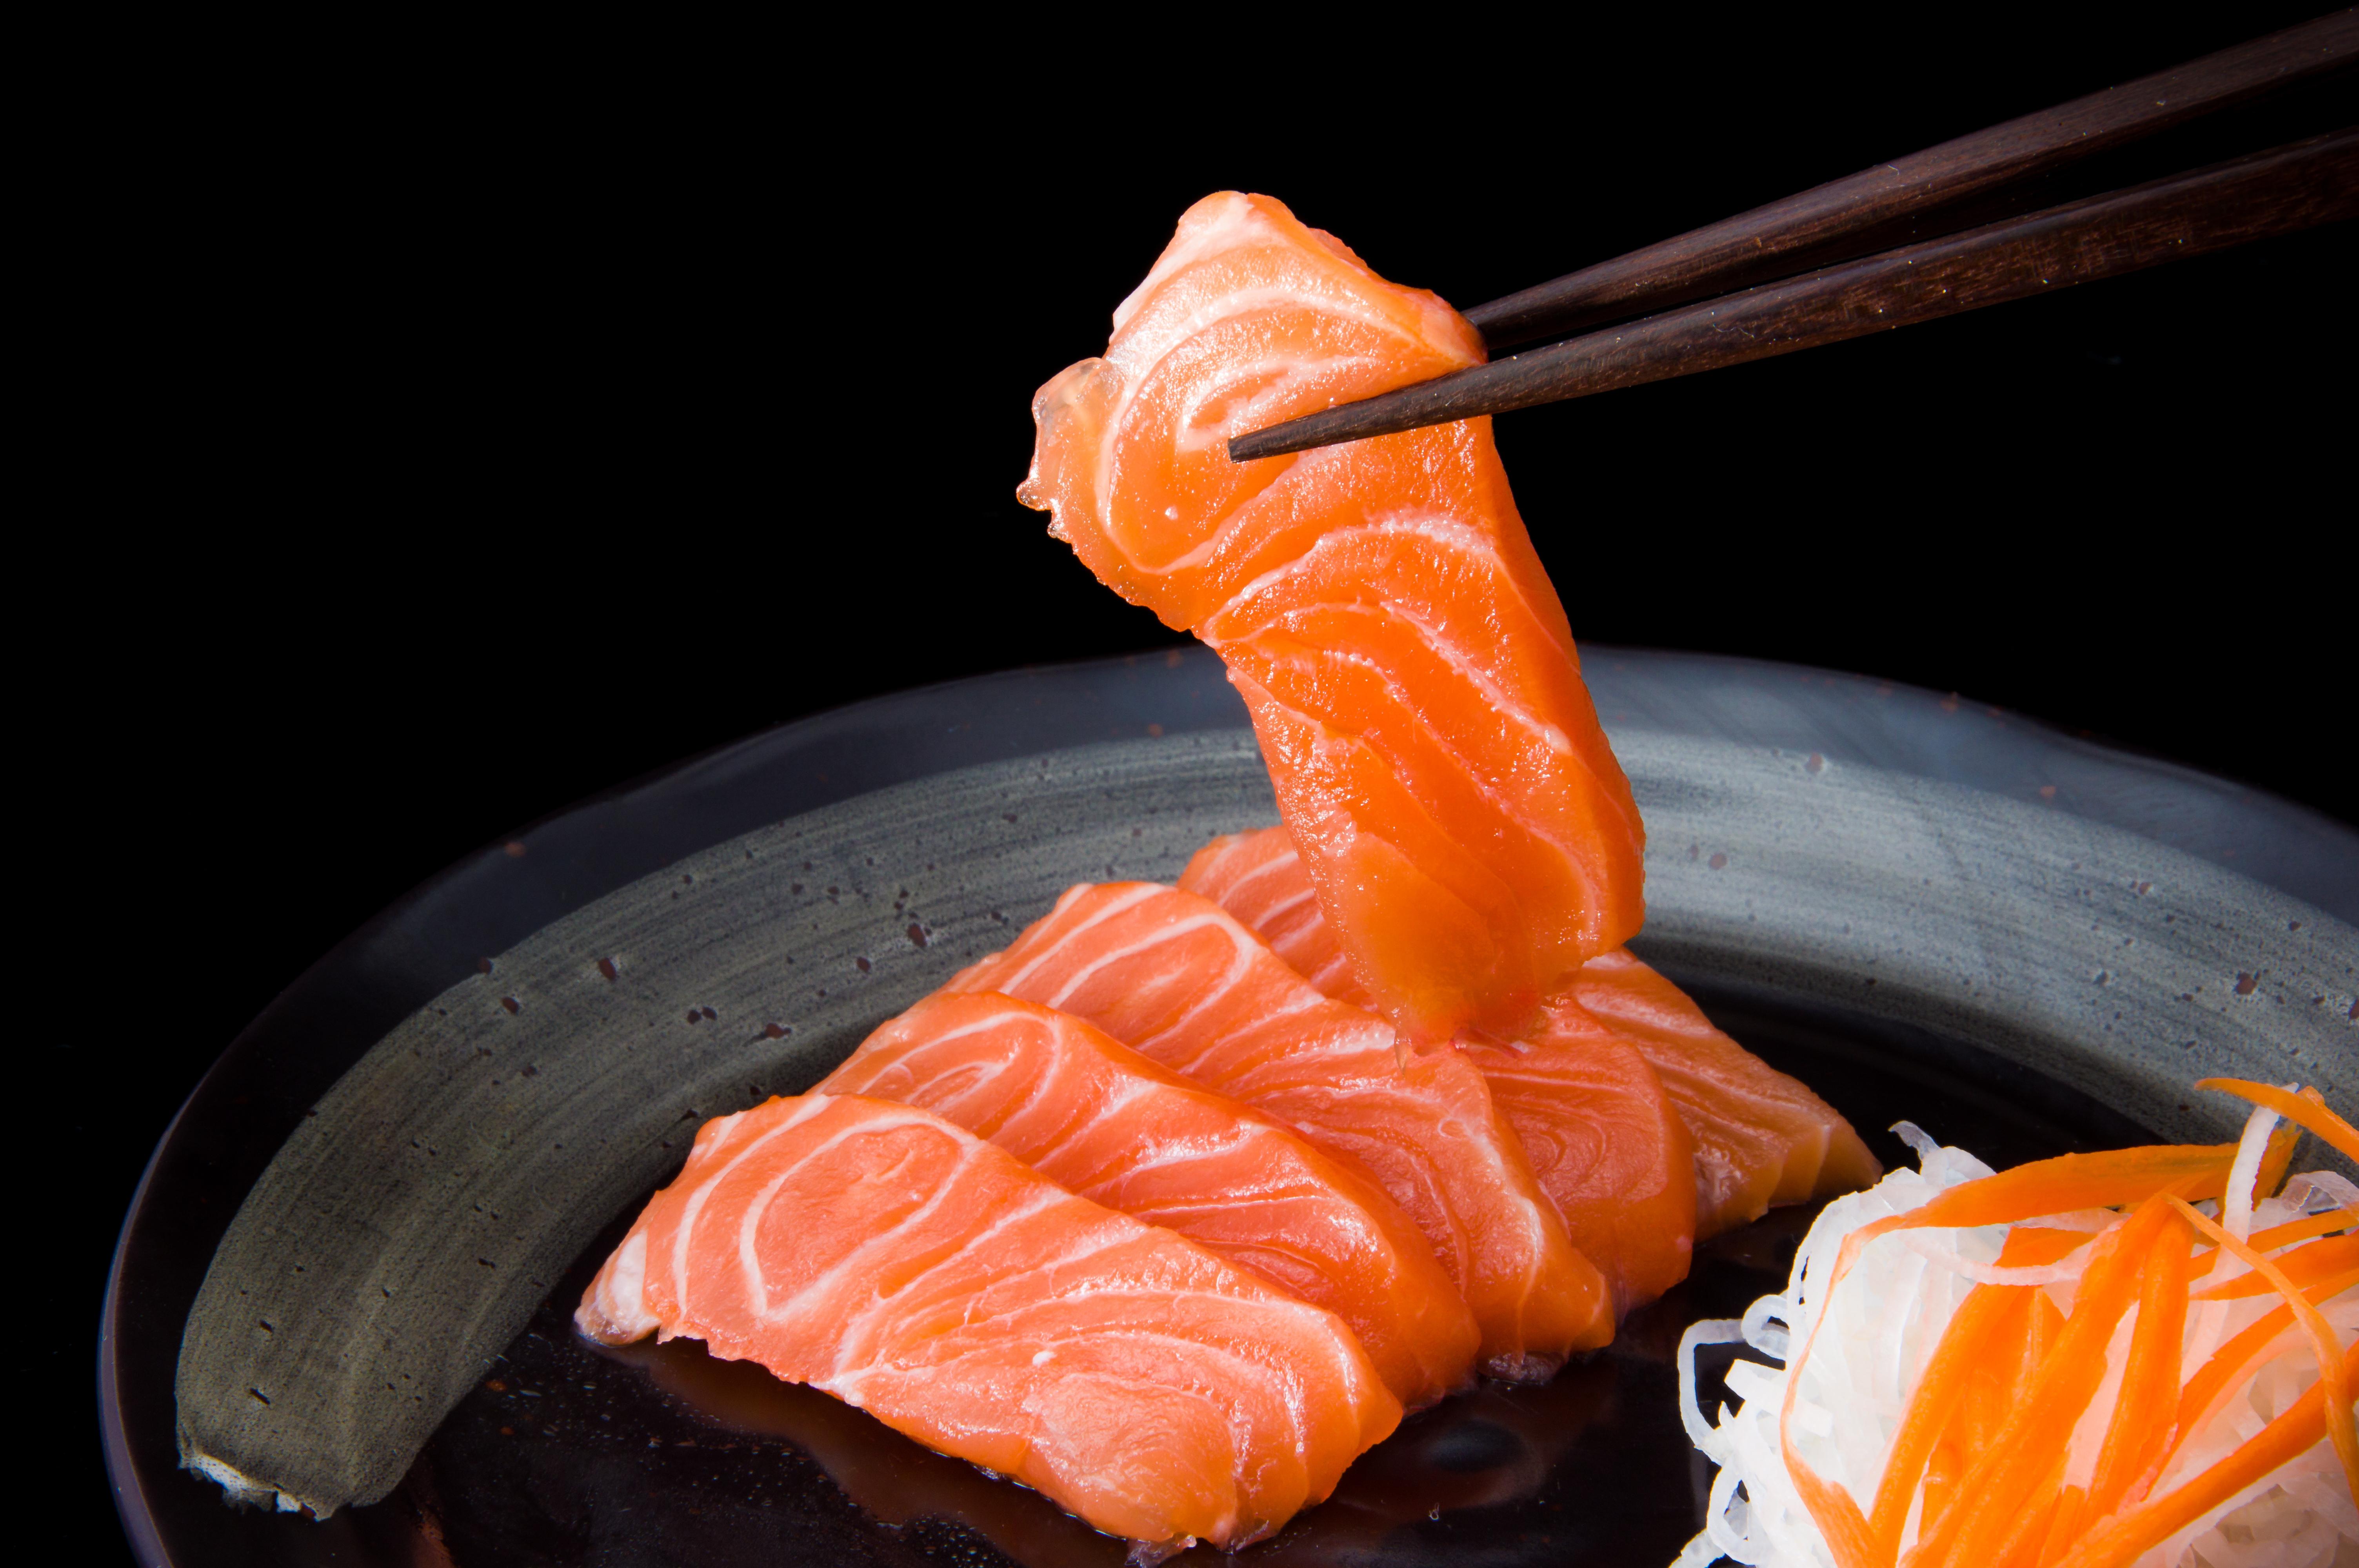 黑色盘子里的三文鱼生鱼片。一只筷子正在夹起一片。